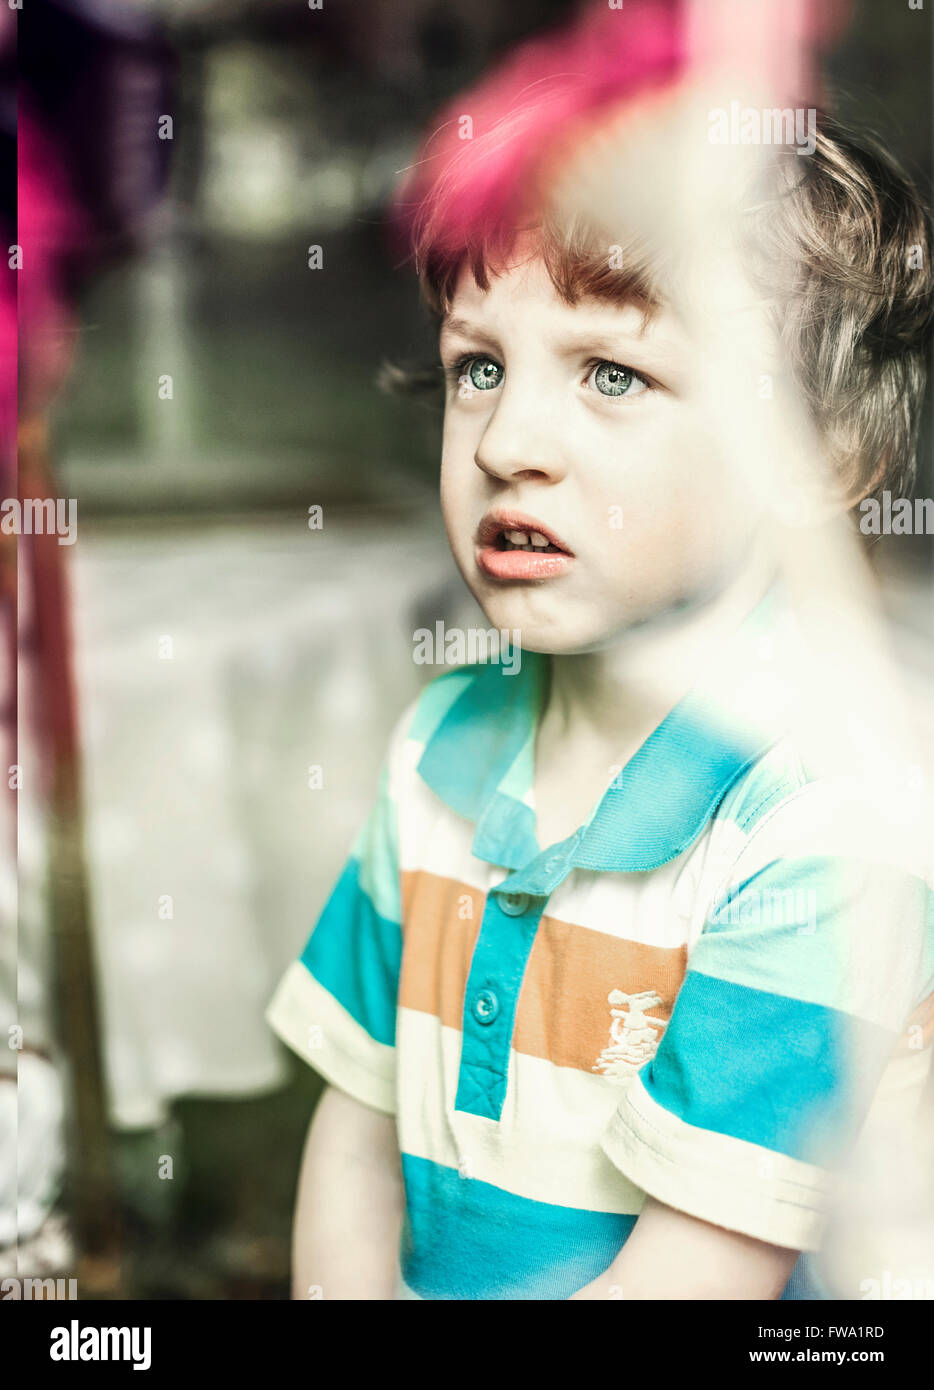 un niño pequeño Foto de stock